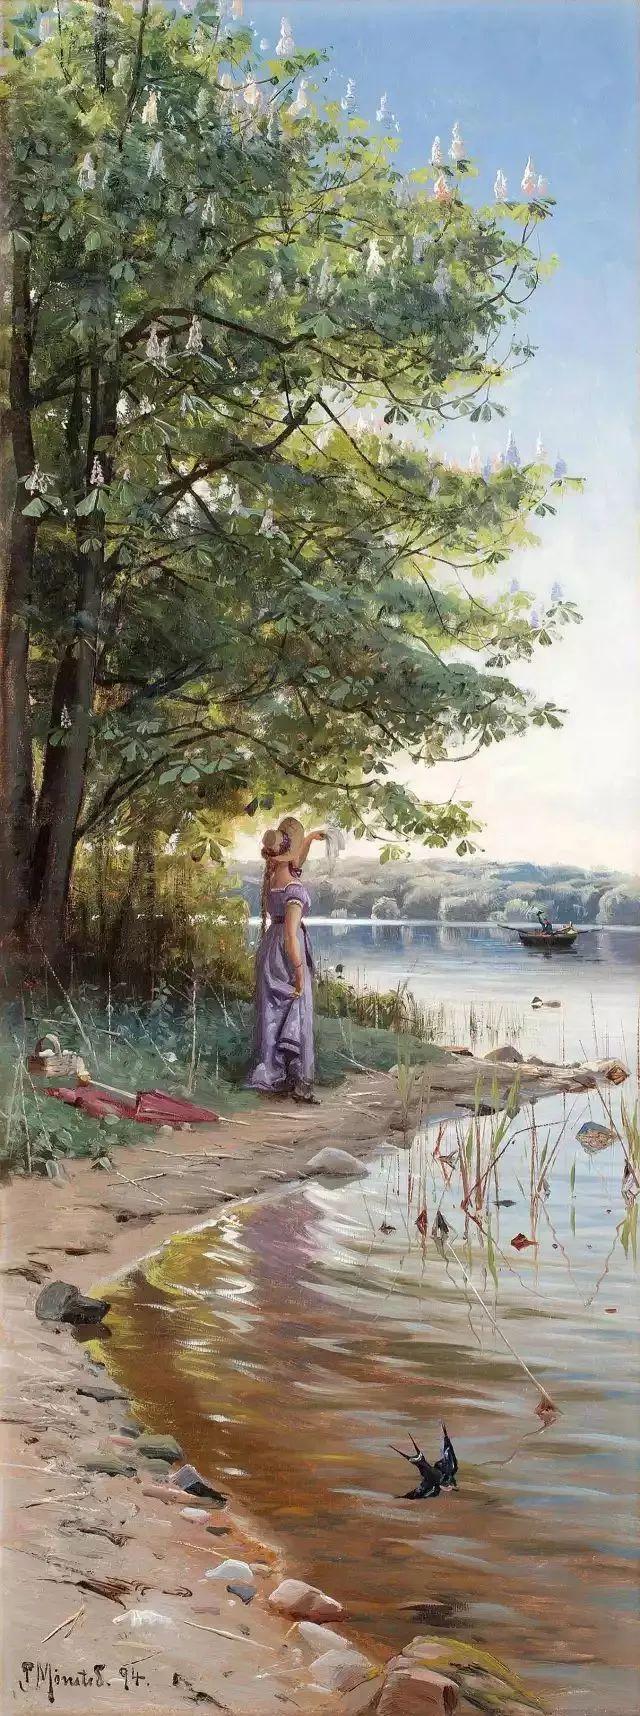 他的画描绘了一派祥和的田园风光,安静美好插图133